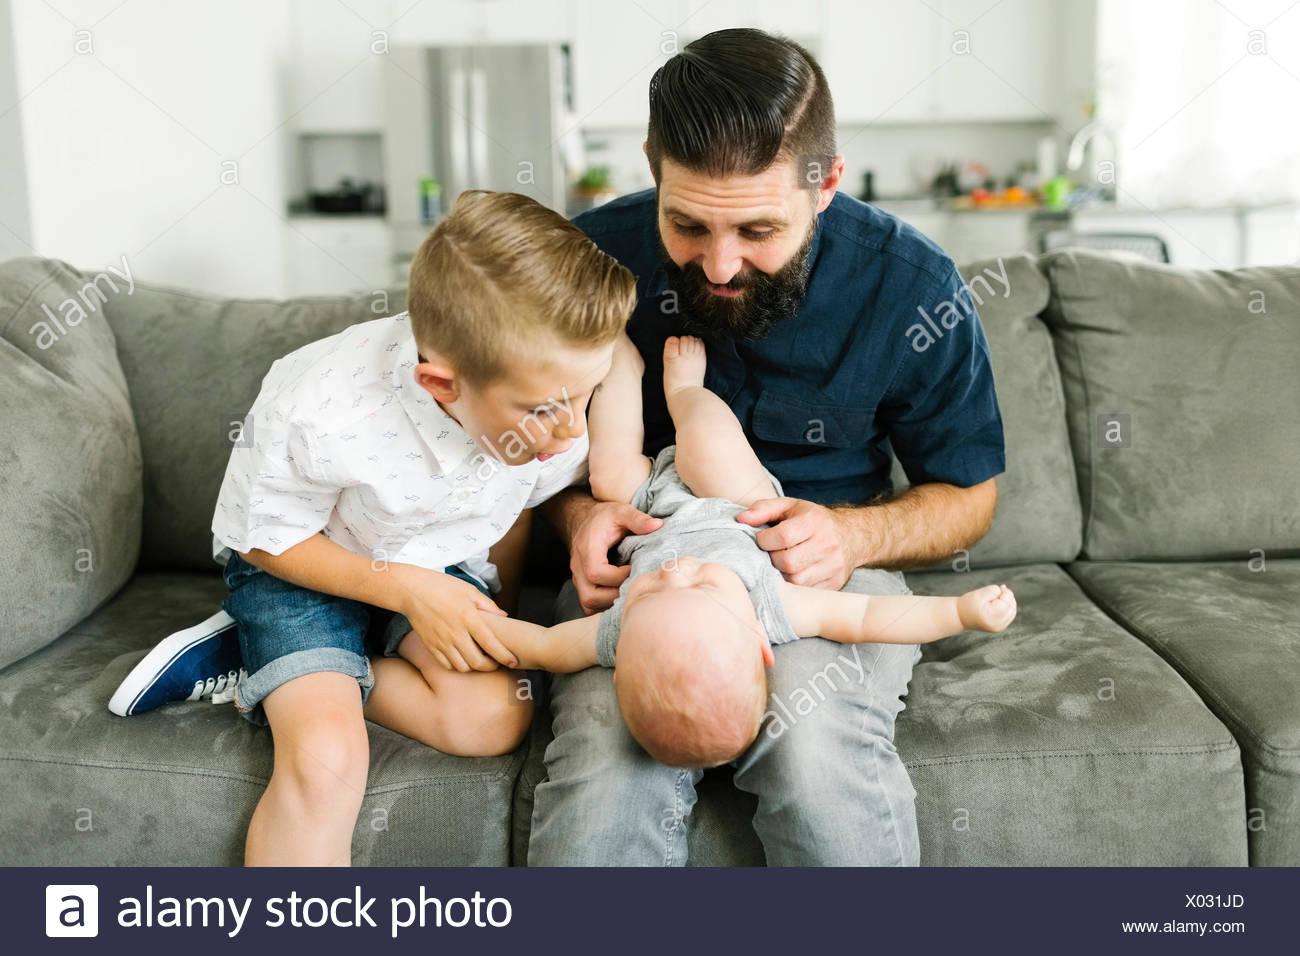 Vater und Kind (6-7) spielt mit Baby (6-11 Monate) im Wohnzimmer. Stockbild